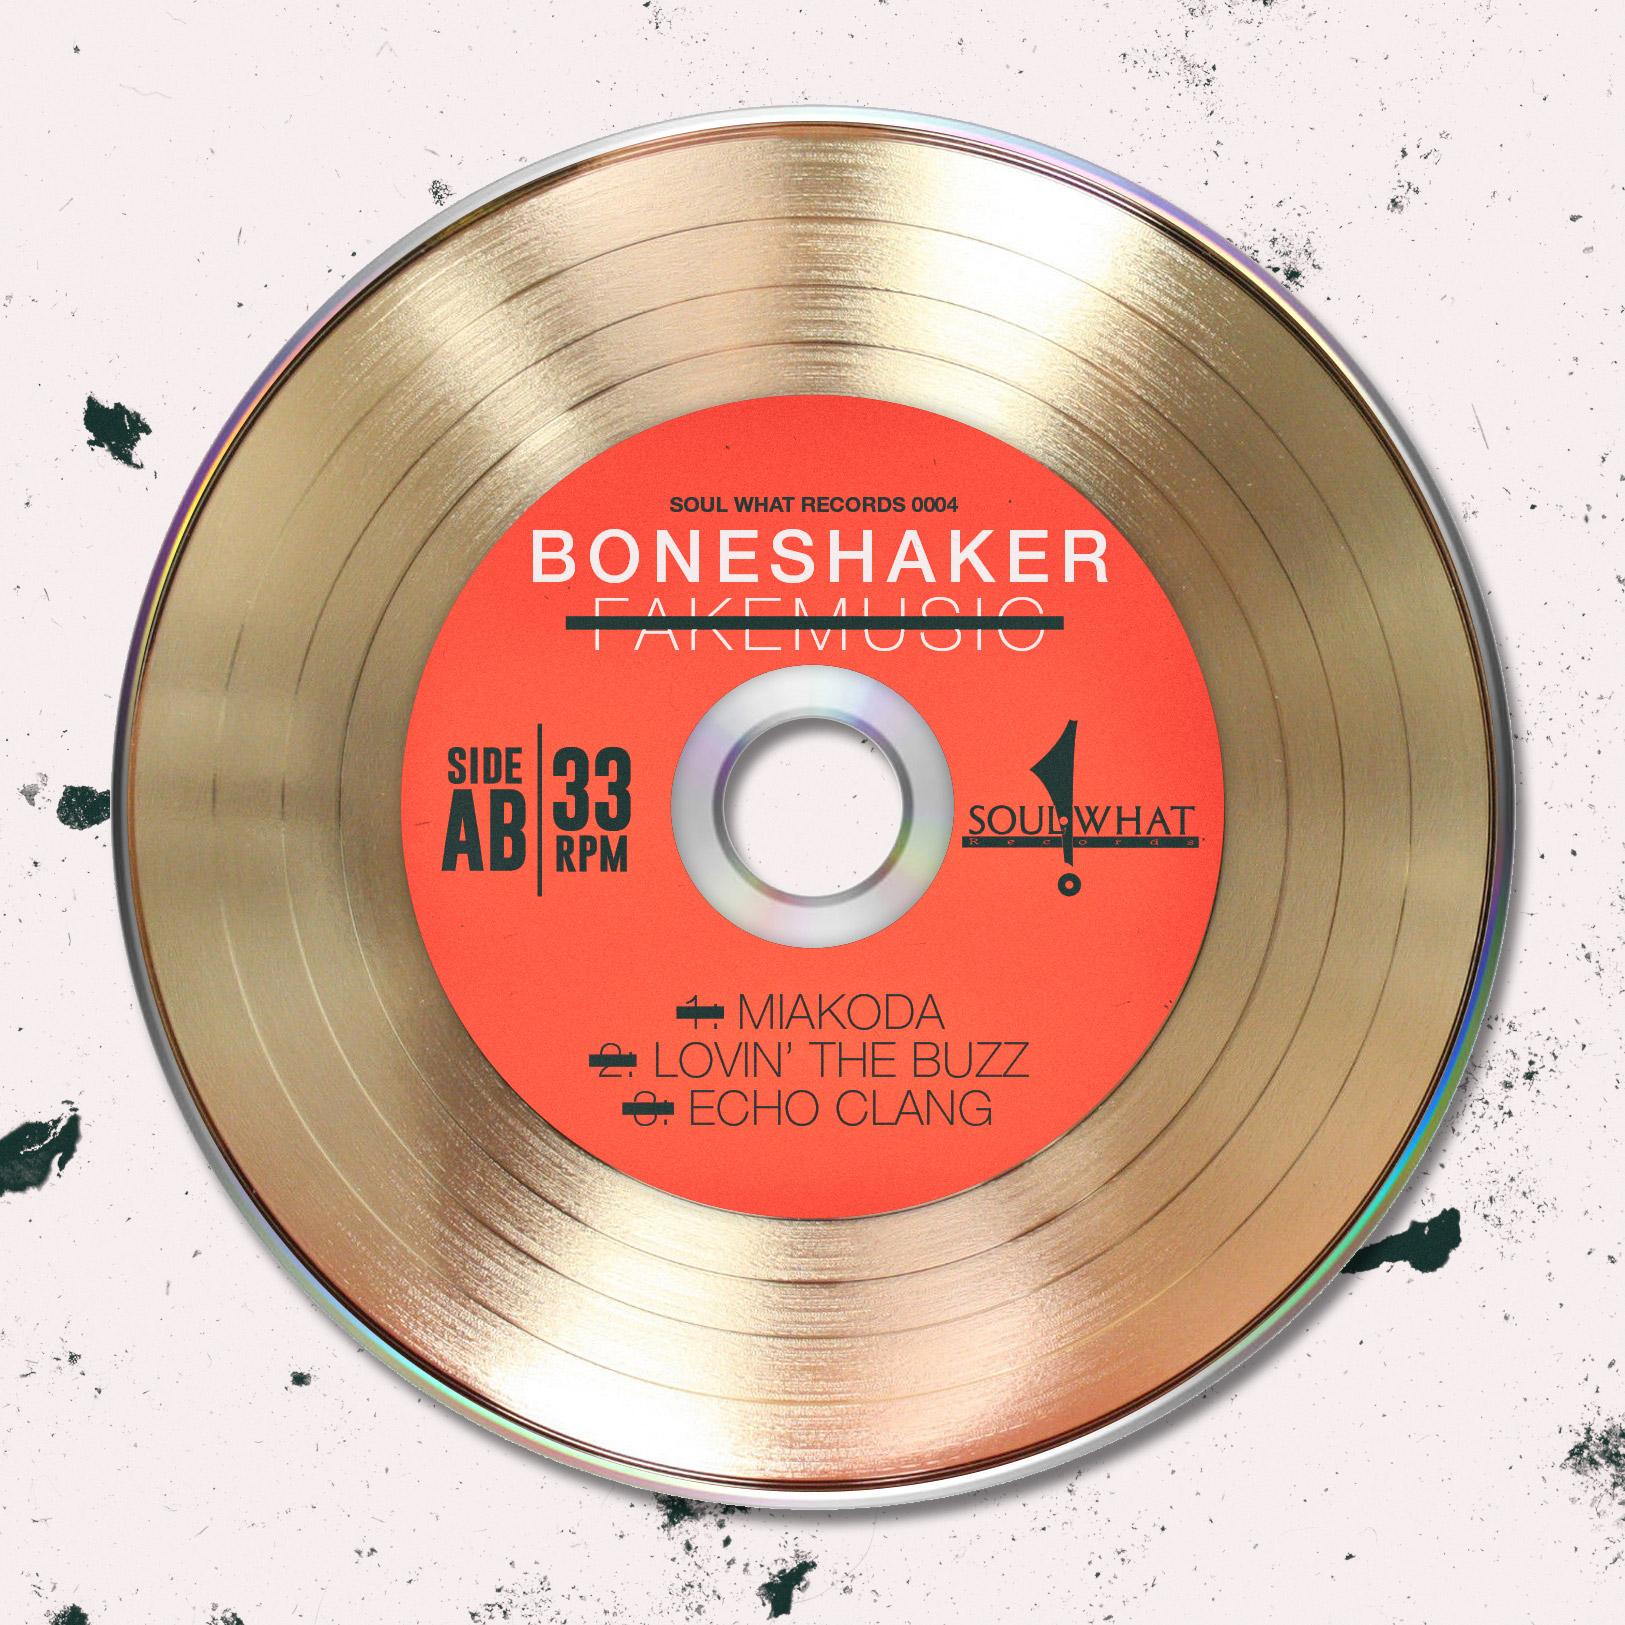 Boneshaker_FM_CD.jpg